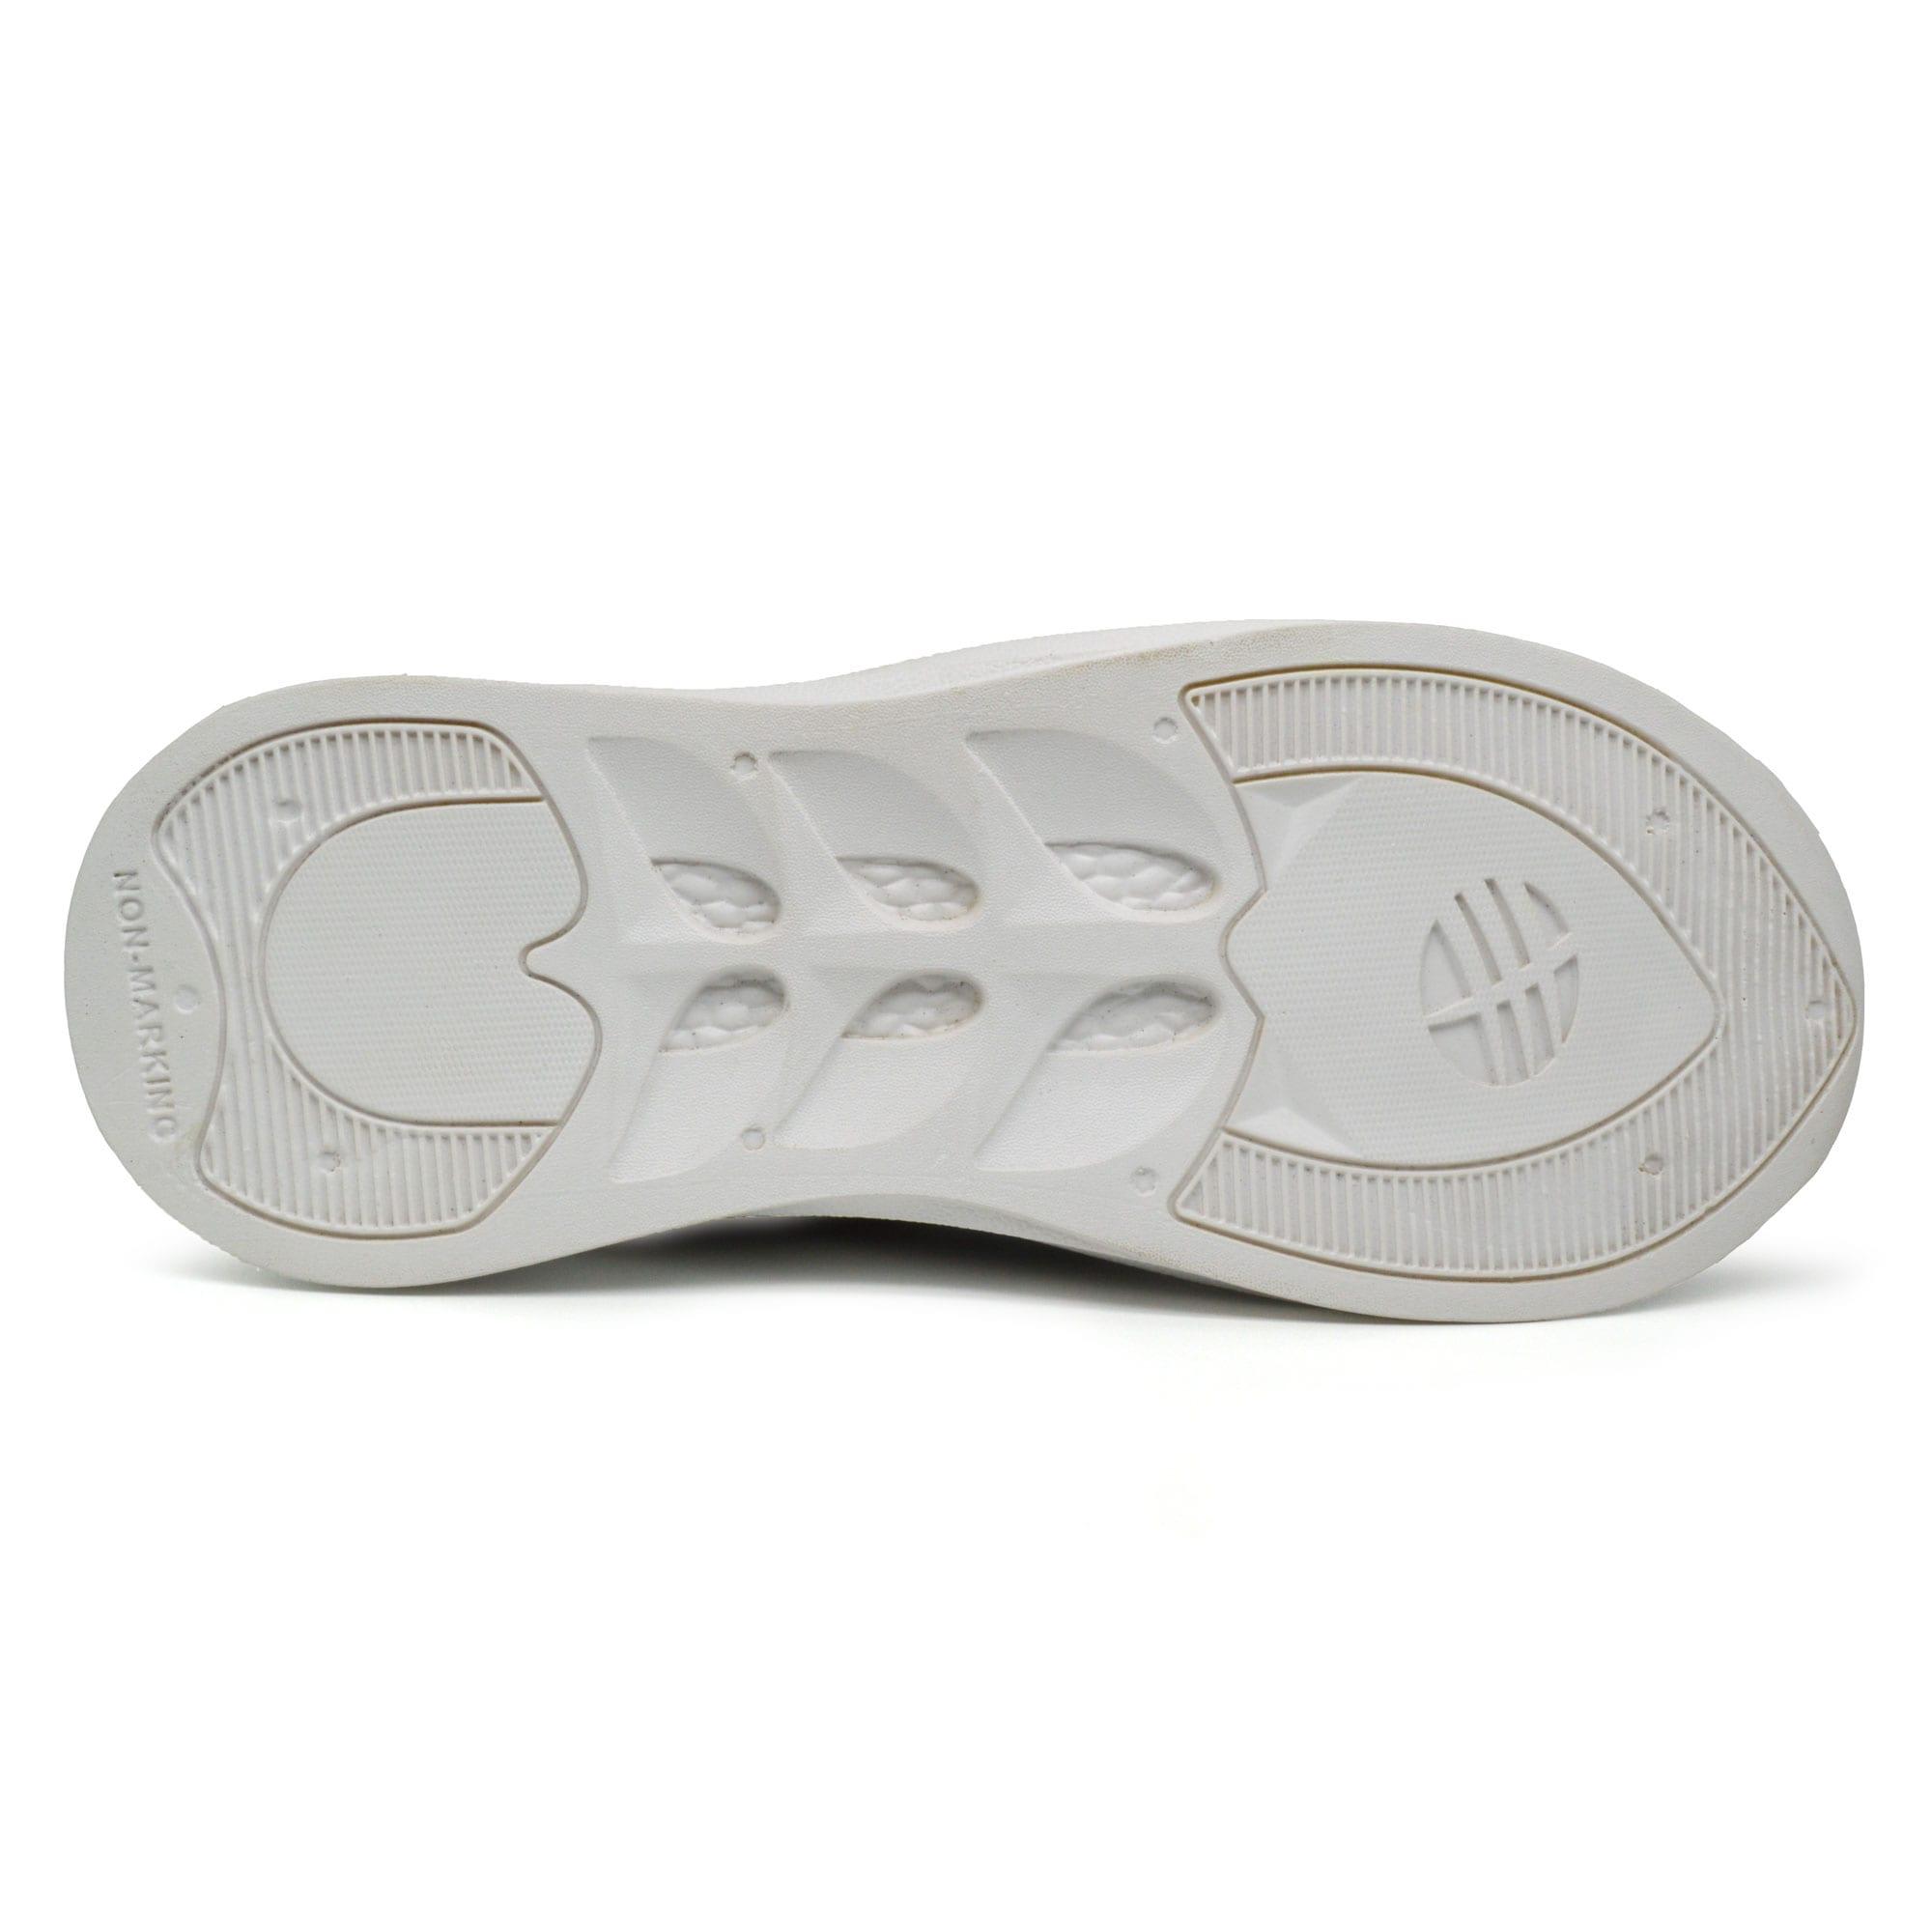 IMCOLUS22.170_NAVYBLUE  OUTDOOR WEAR & FLEXIBLE MENS Sports Shoes SHOES  IMCOLUS22.170NBLUE (NAVYBLUE,6TO10,8 PAIR)